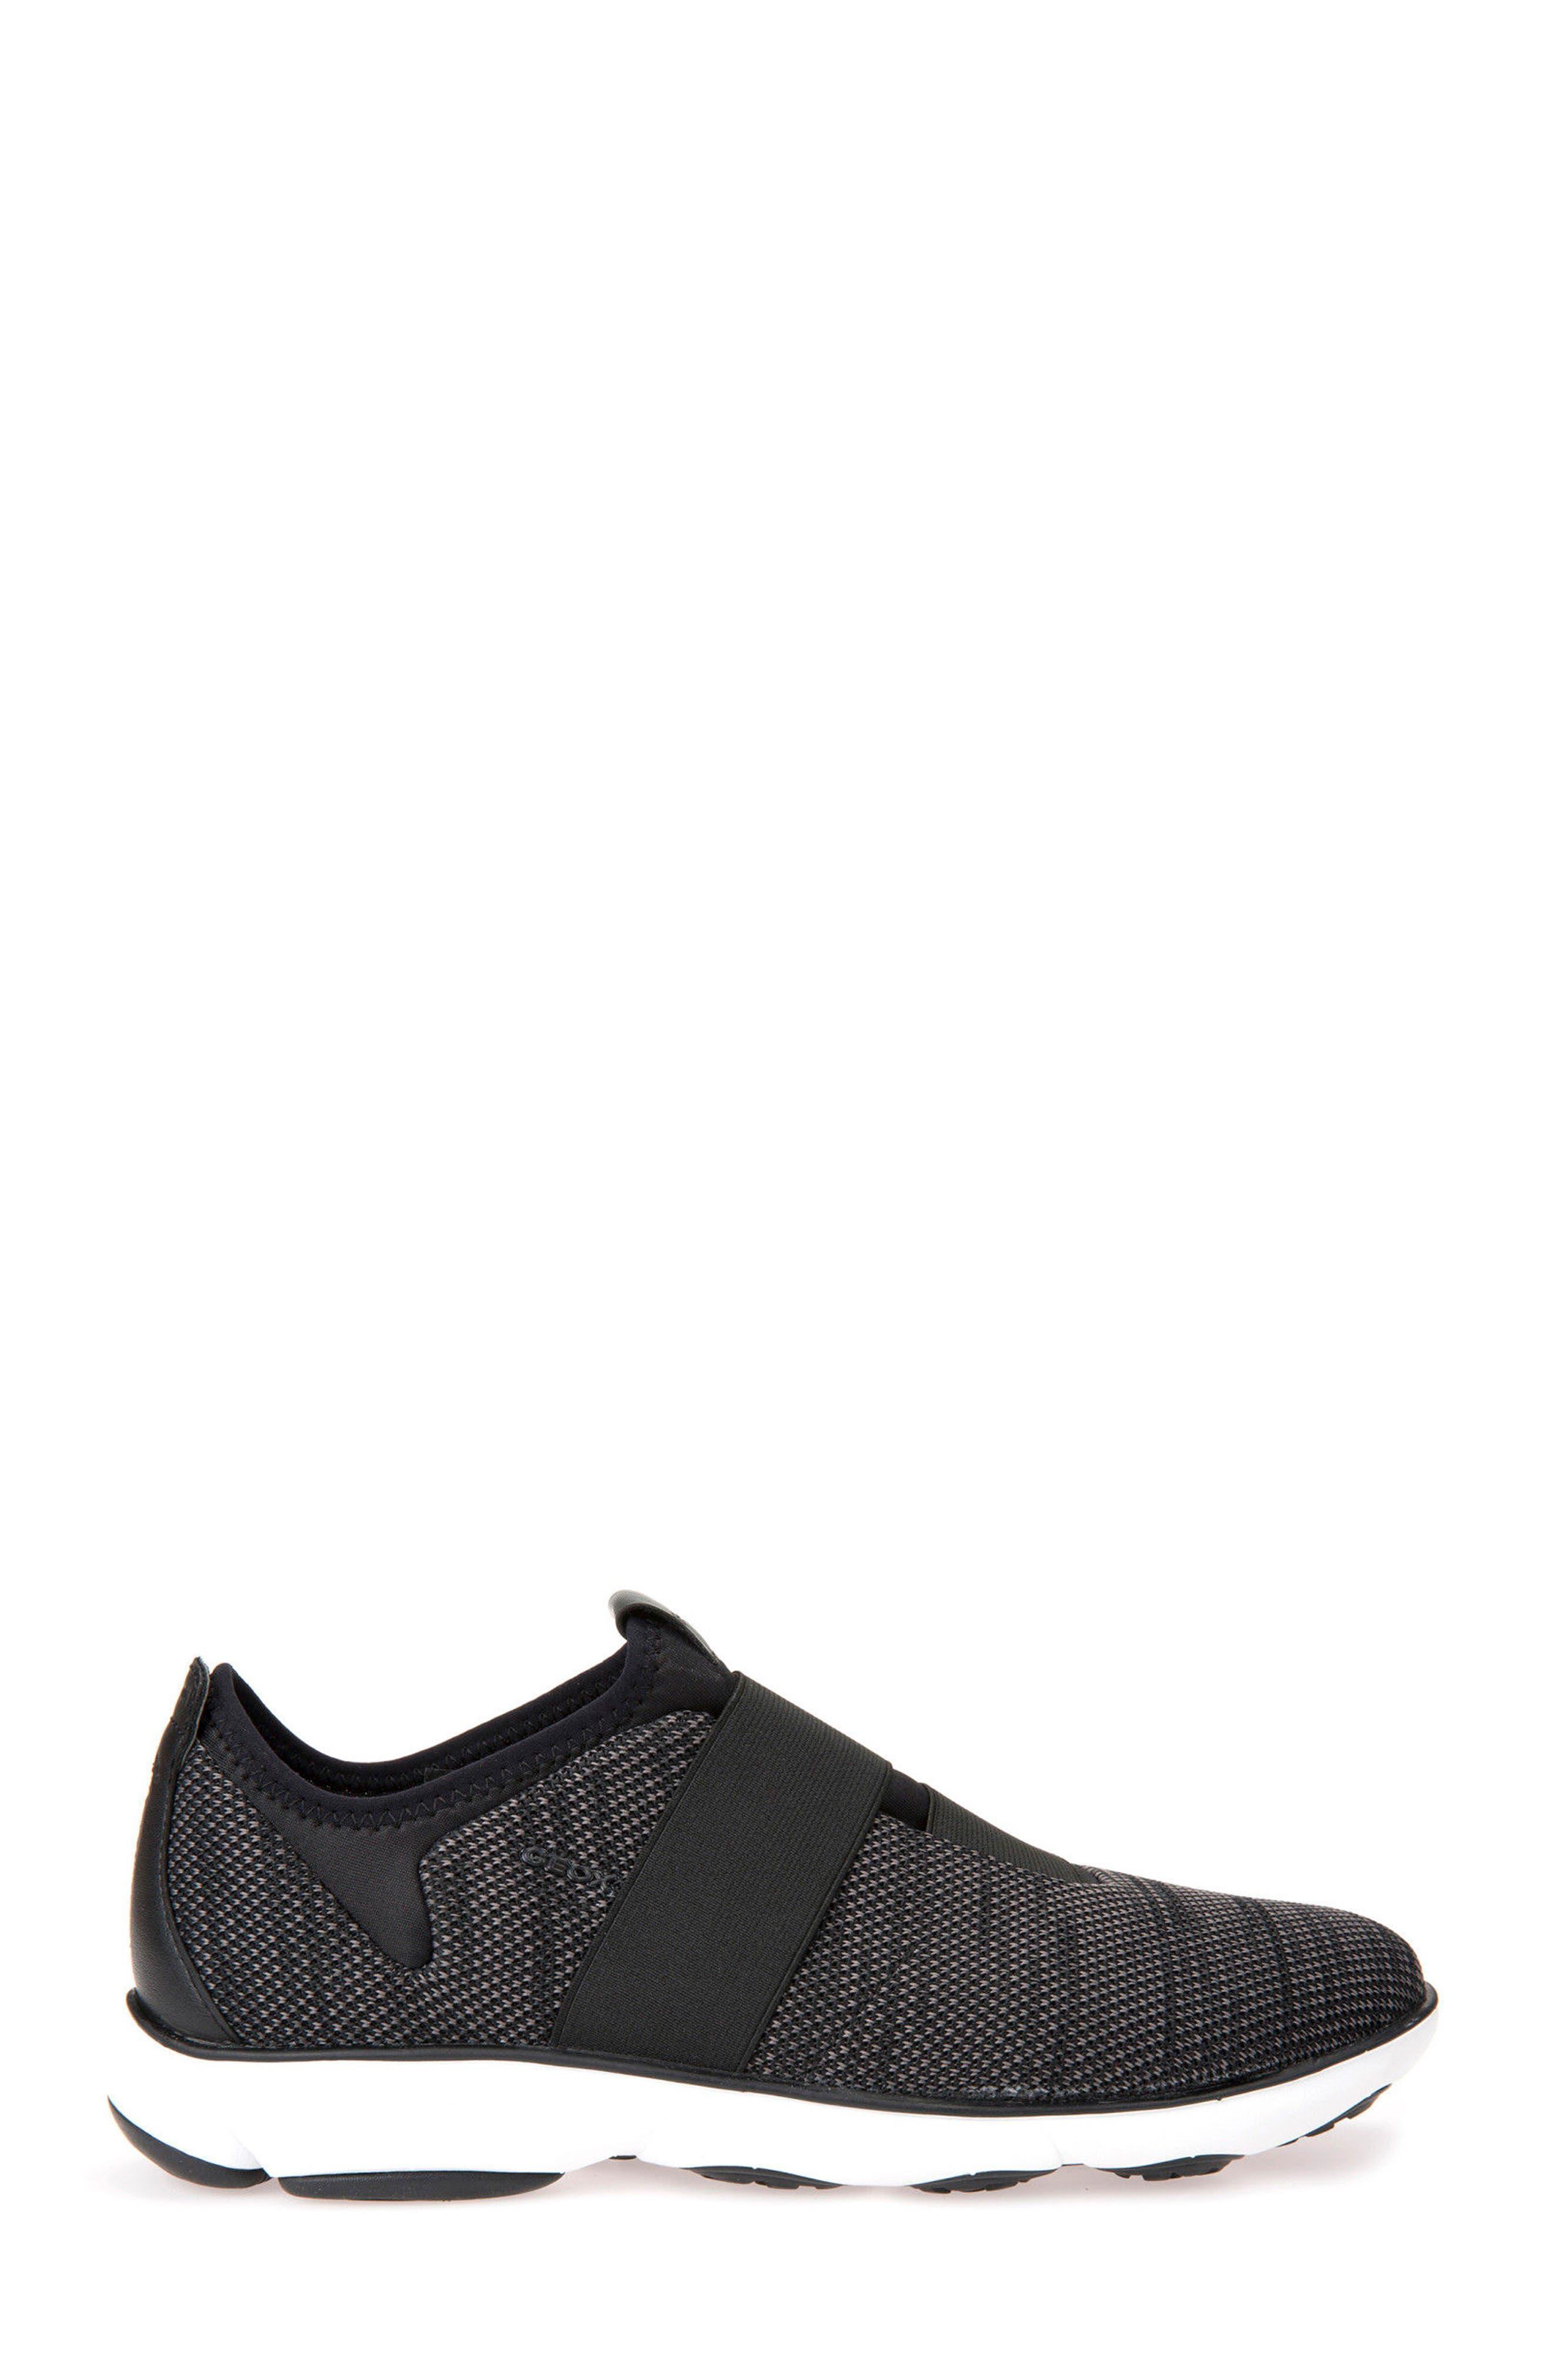 GEOX, Nebula 45 Banded Slip-On Sneaker, Alternate thumbnail 3, color, BLACK